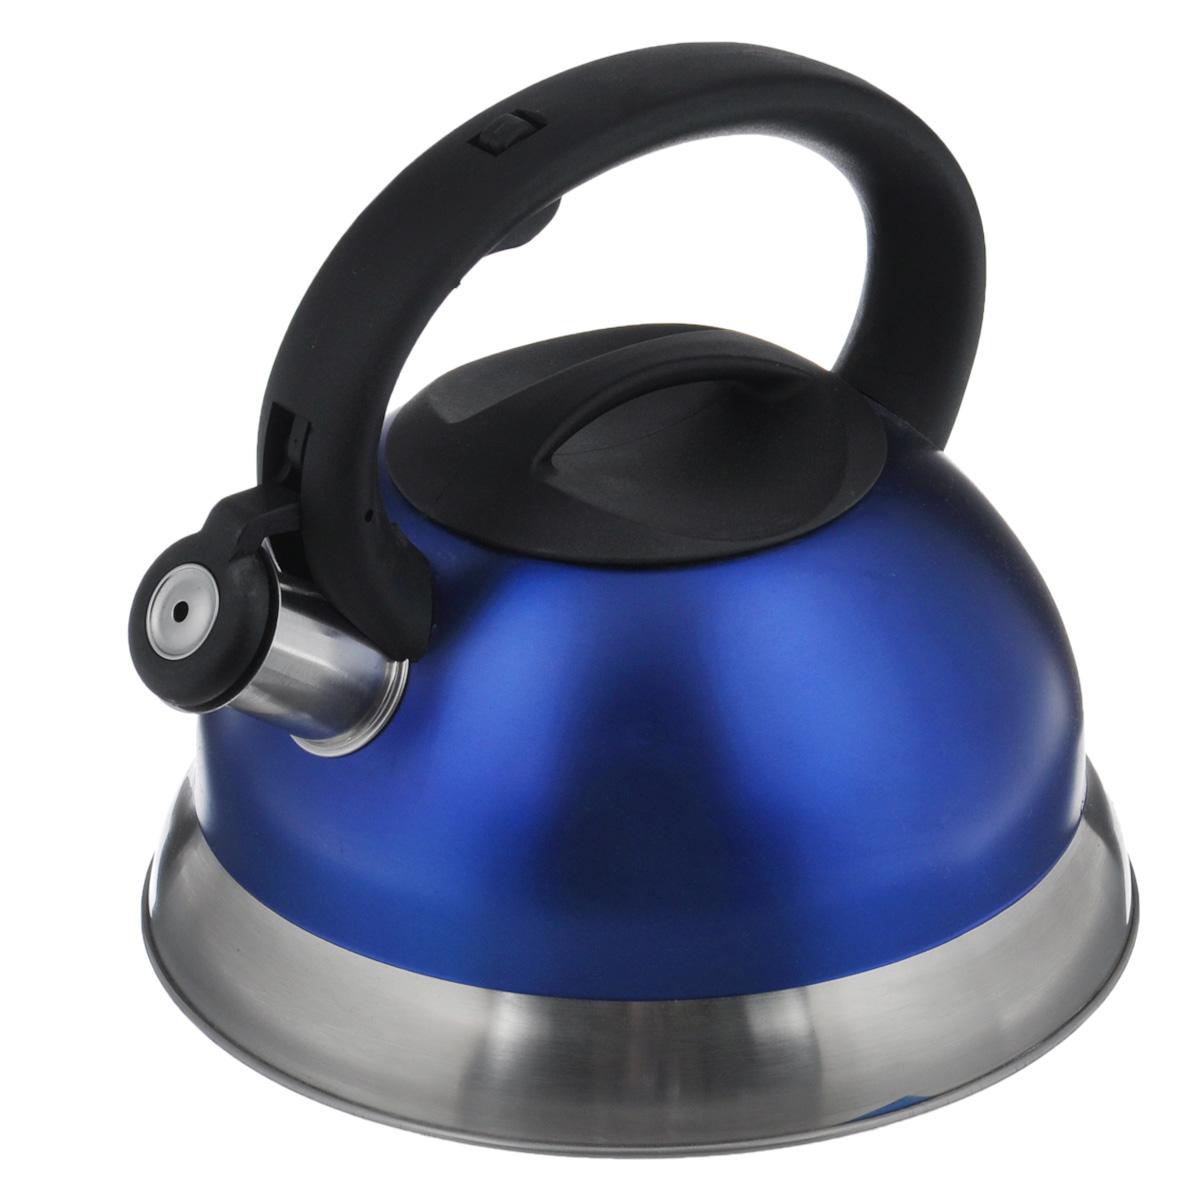 Чайник Bekker Premium, со свистком, цвет: синий, 2,7 л. BK-S461BK-S461_синийЧайник Bekker Premium изготовлен из высококачественной нержавеющей стали 18/10 с цветным матовым покрытием. Капсулированное дно распределяет тепло по всей поверхности, что позволяет чайнику быстро закипать. Крышка и эргономичная фиксированная ручка выполнены из бакелита черного цвета. Носик оснащен откидным свистком, который подскажет, когда закипела вода. Свисток открывается и закрывается нажатием кнопки на рукоятке. Подходит для всех типов плит, включая индукционные. Можно мыть в посудомоечной машине. Высота чайника (без учета ручки): 11,5 см. Высота чайника (с учетом ручки): 21 см. Толщина стенки: 0,4 мм.